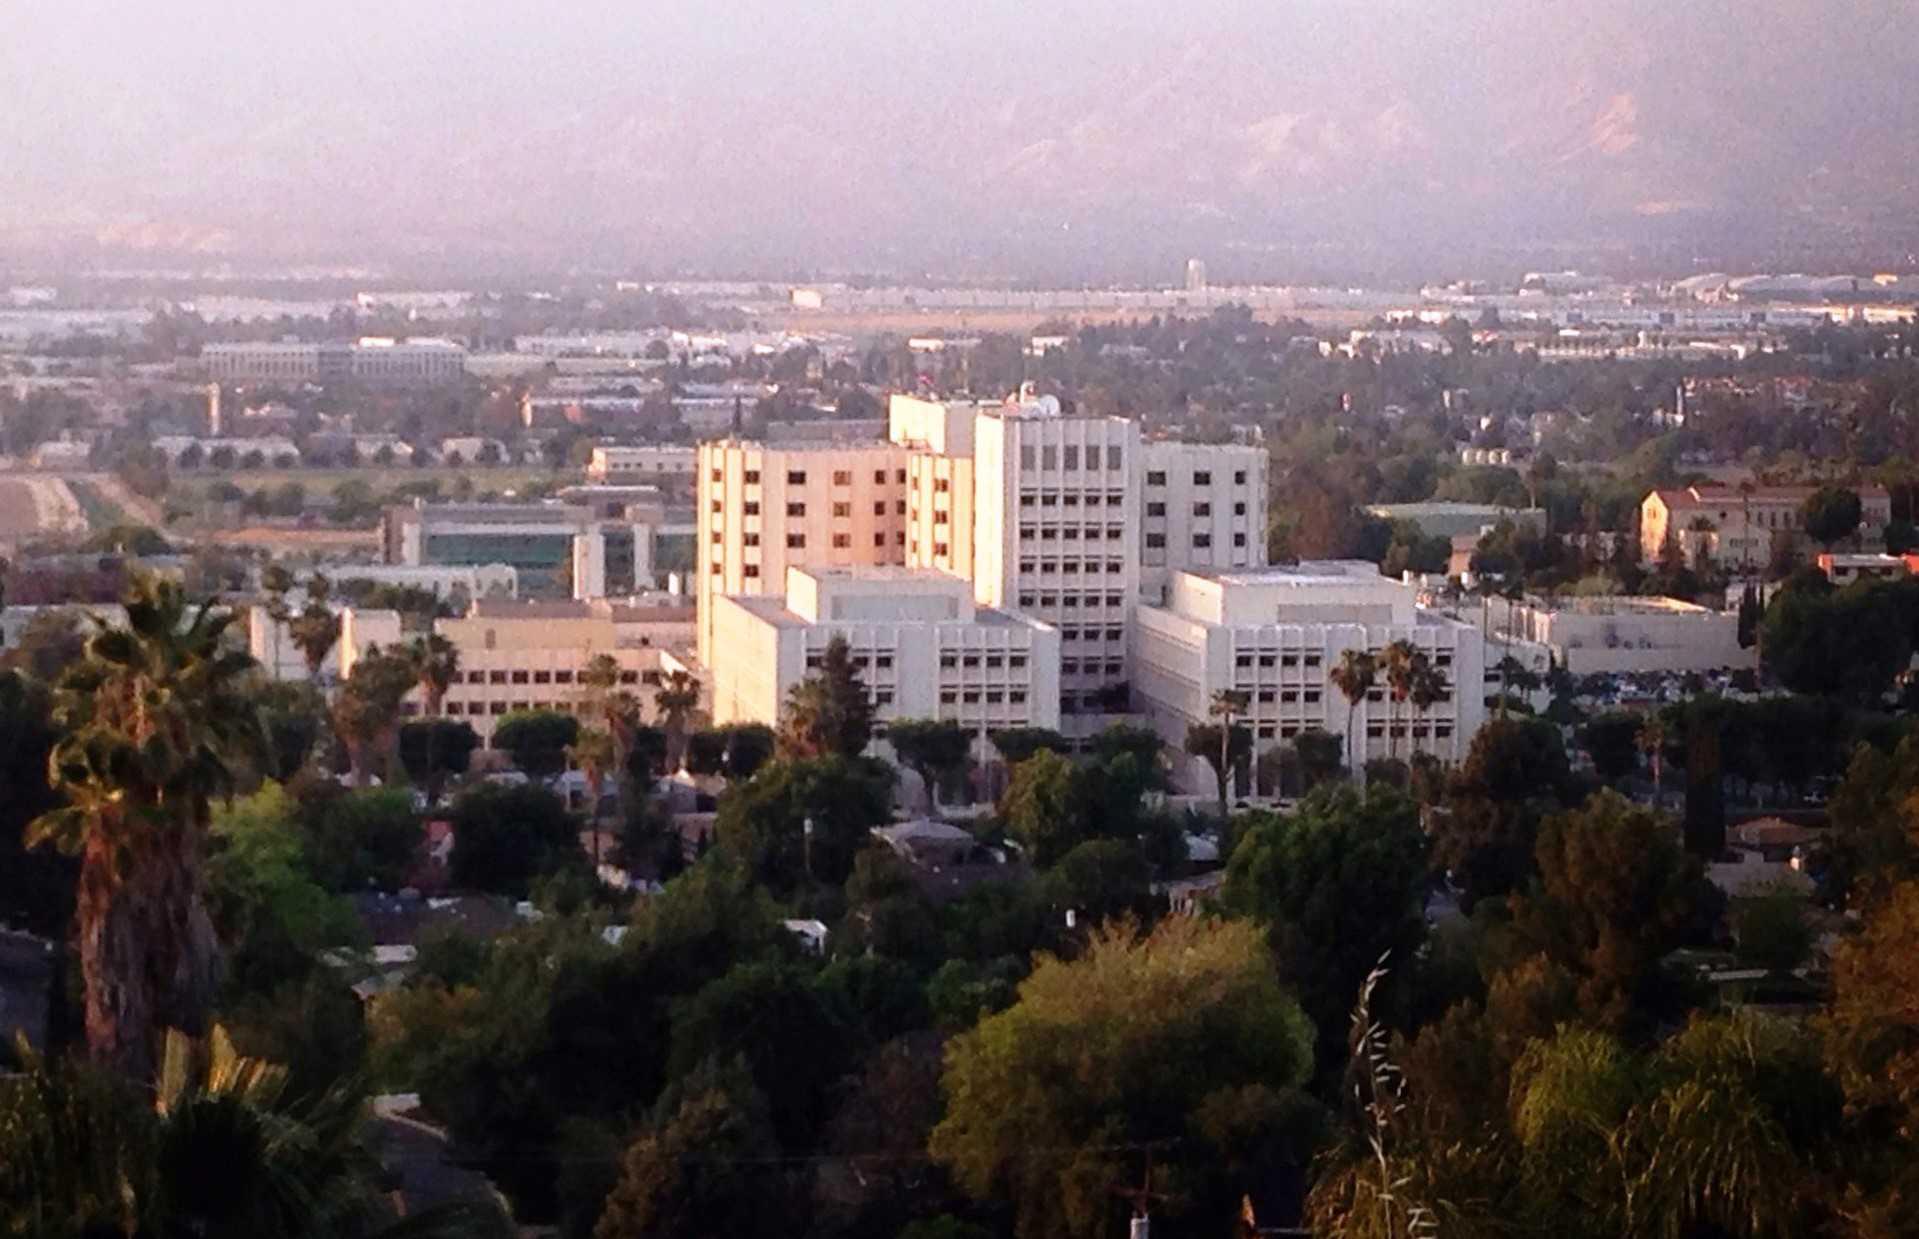 Loma Linda University Hospital